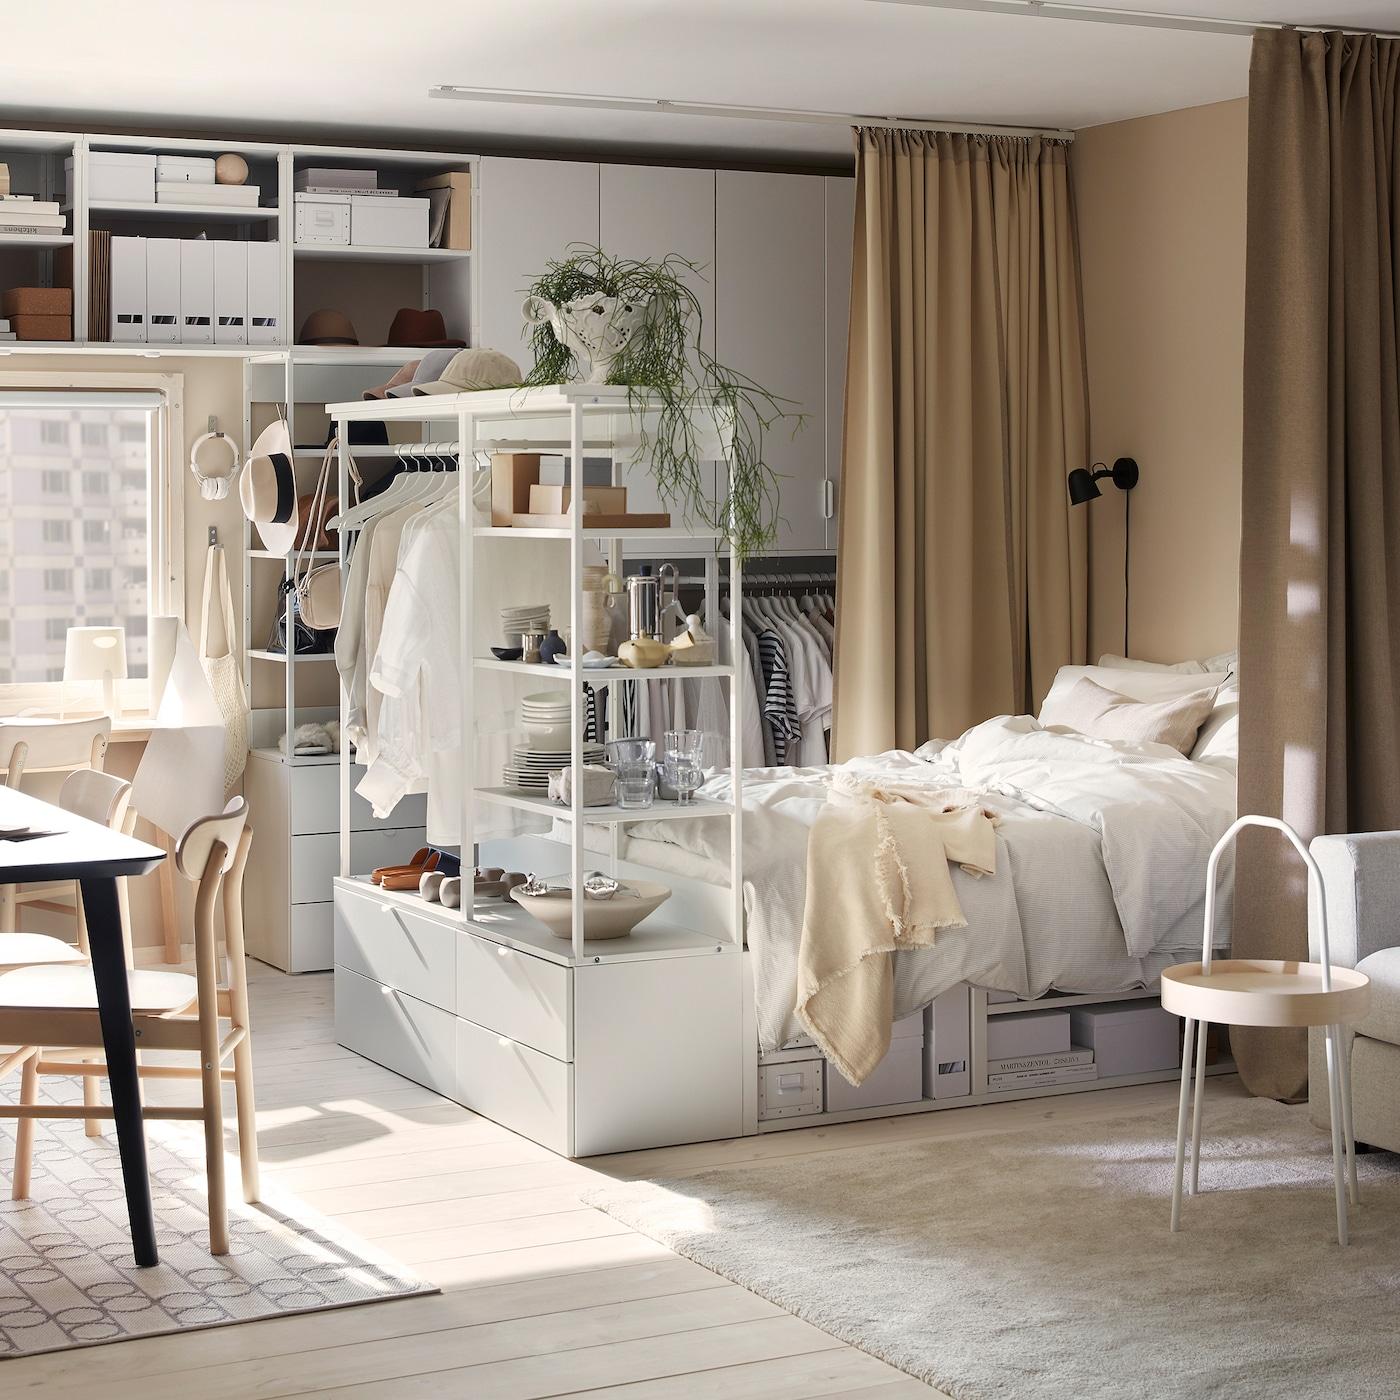 Stúdiólakás PLATSA tárolókombinációkkal, fehér ágykeret, étkezőasztal, világosszürke kanapé és bézs függönyök.